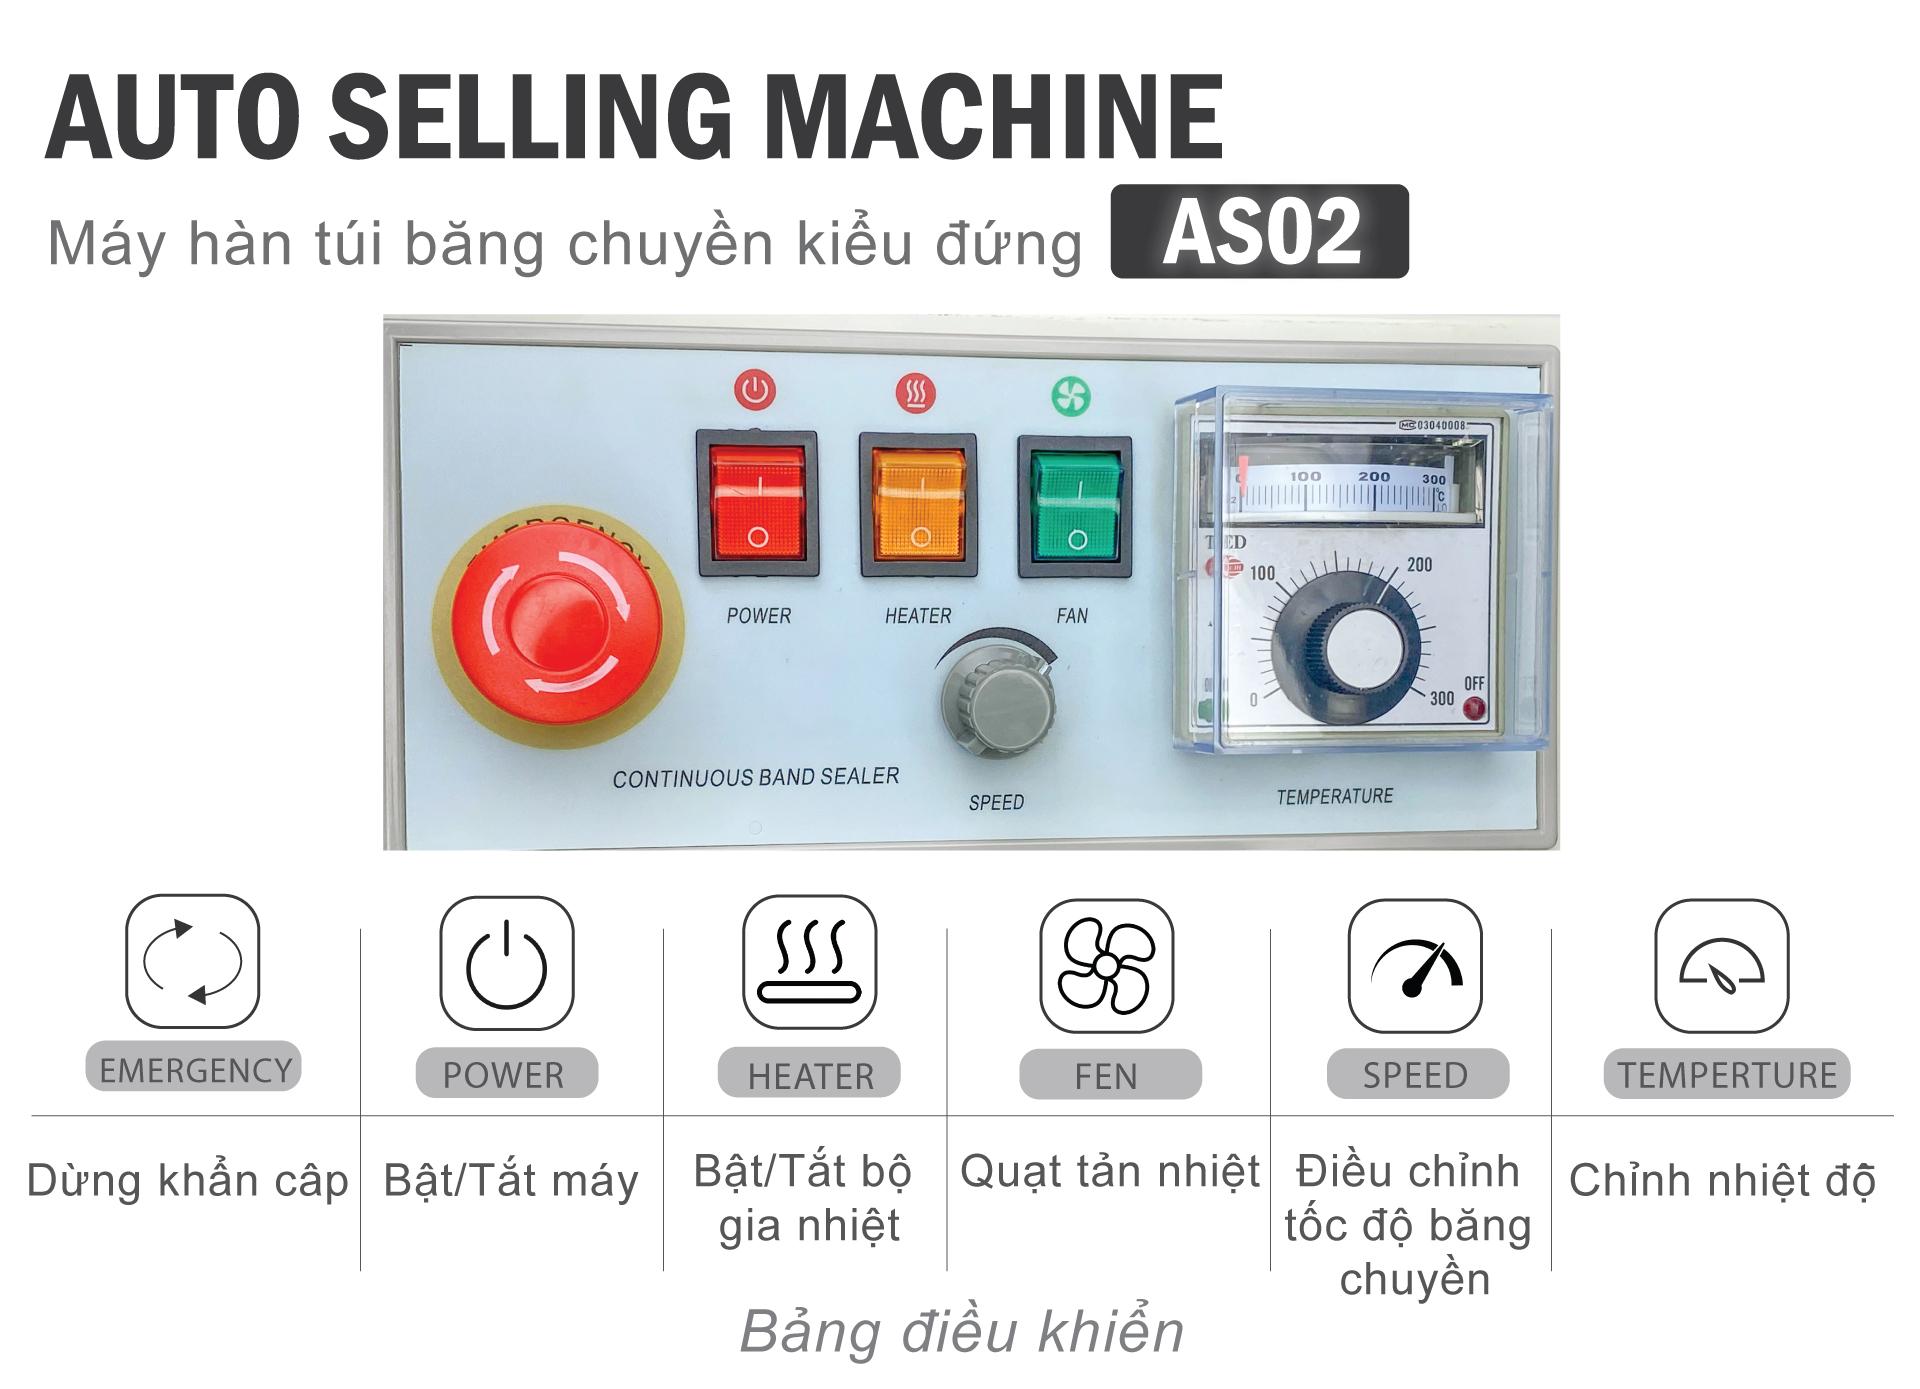 bảng điều khiển máy hàn miệng túi tự động băng chuyền AS02